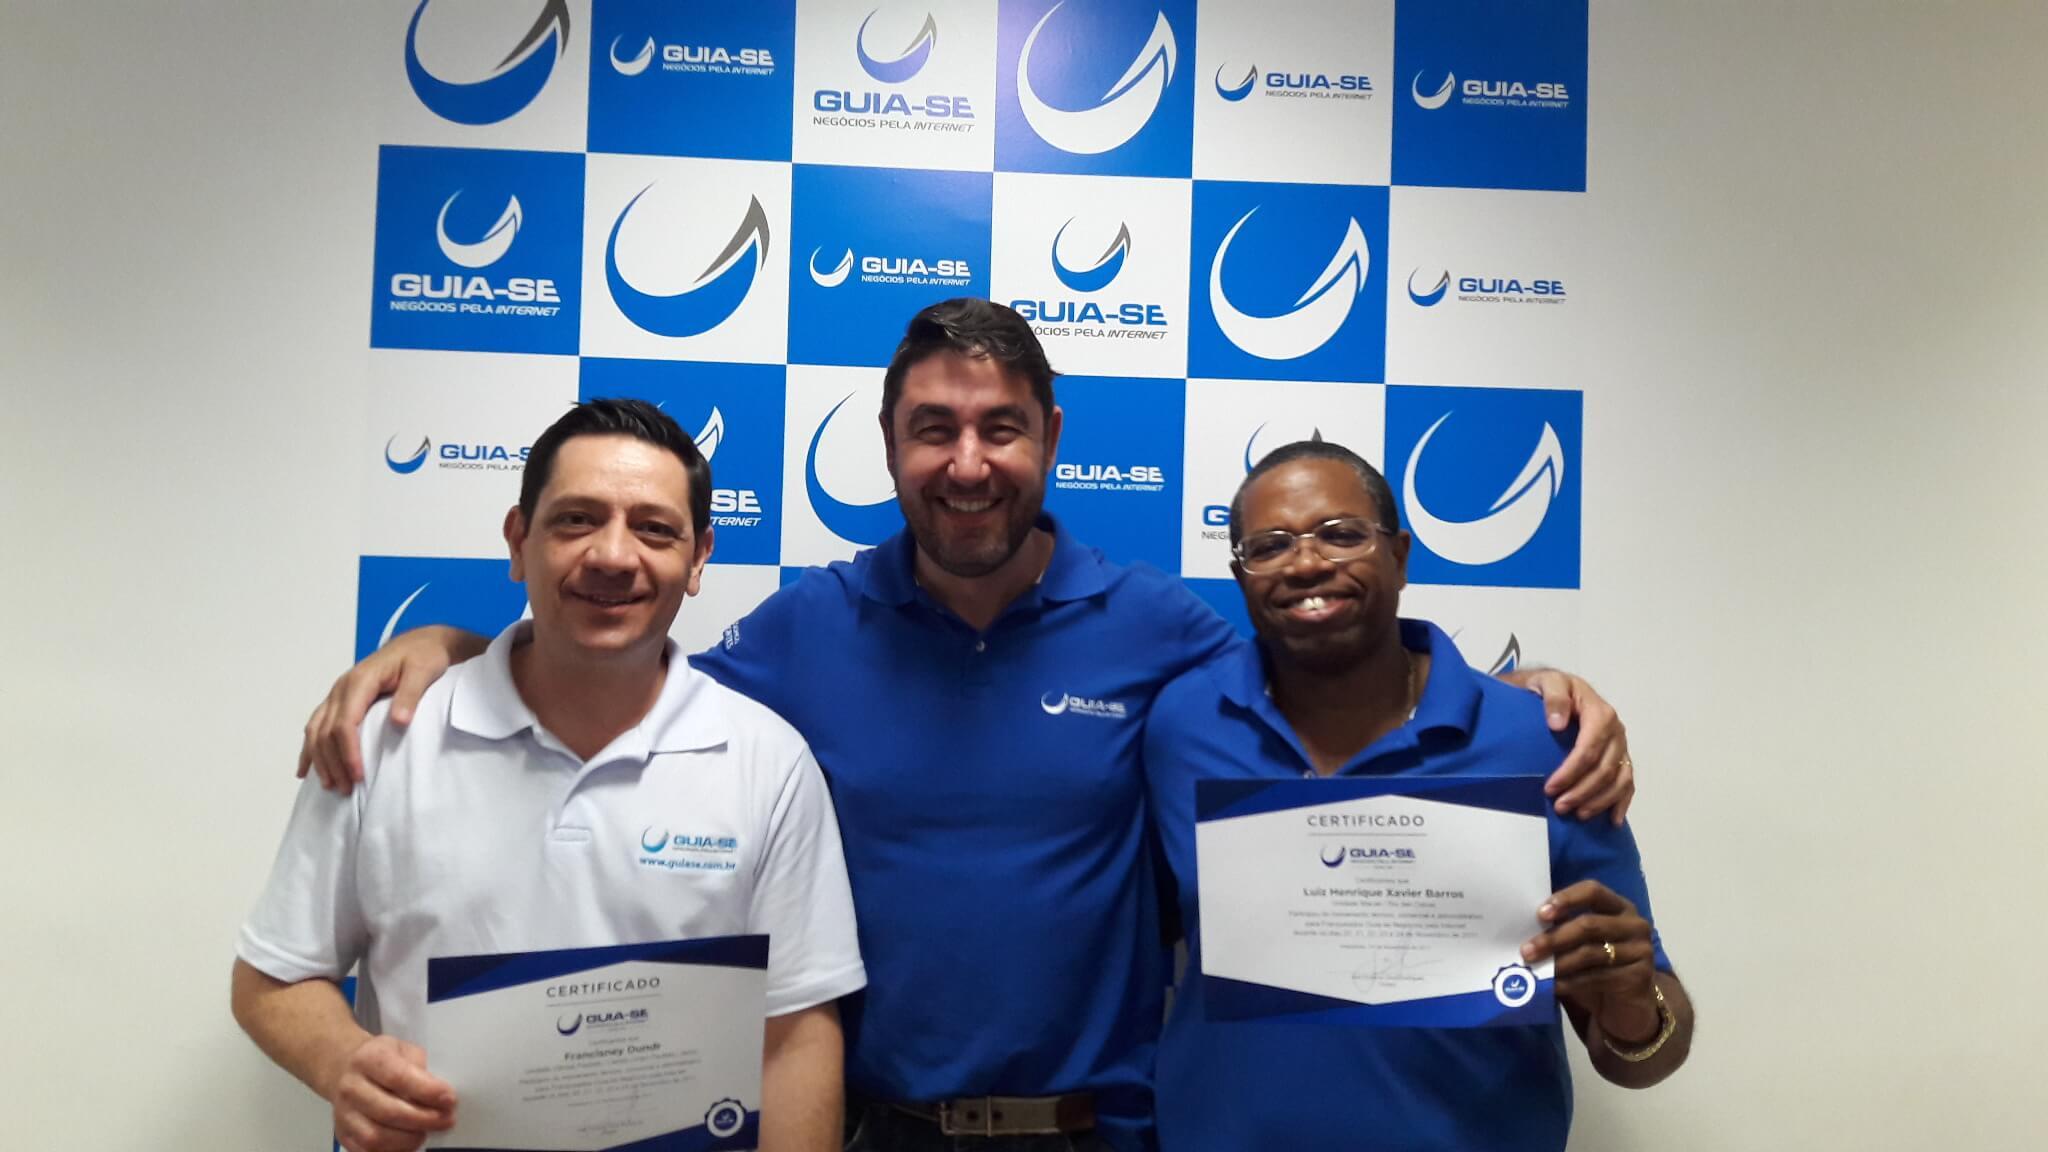 7f10079bd Francisney e Luiz Henrique recebem certificação do CEO da Guia-se